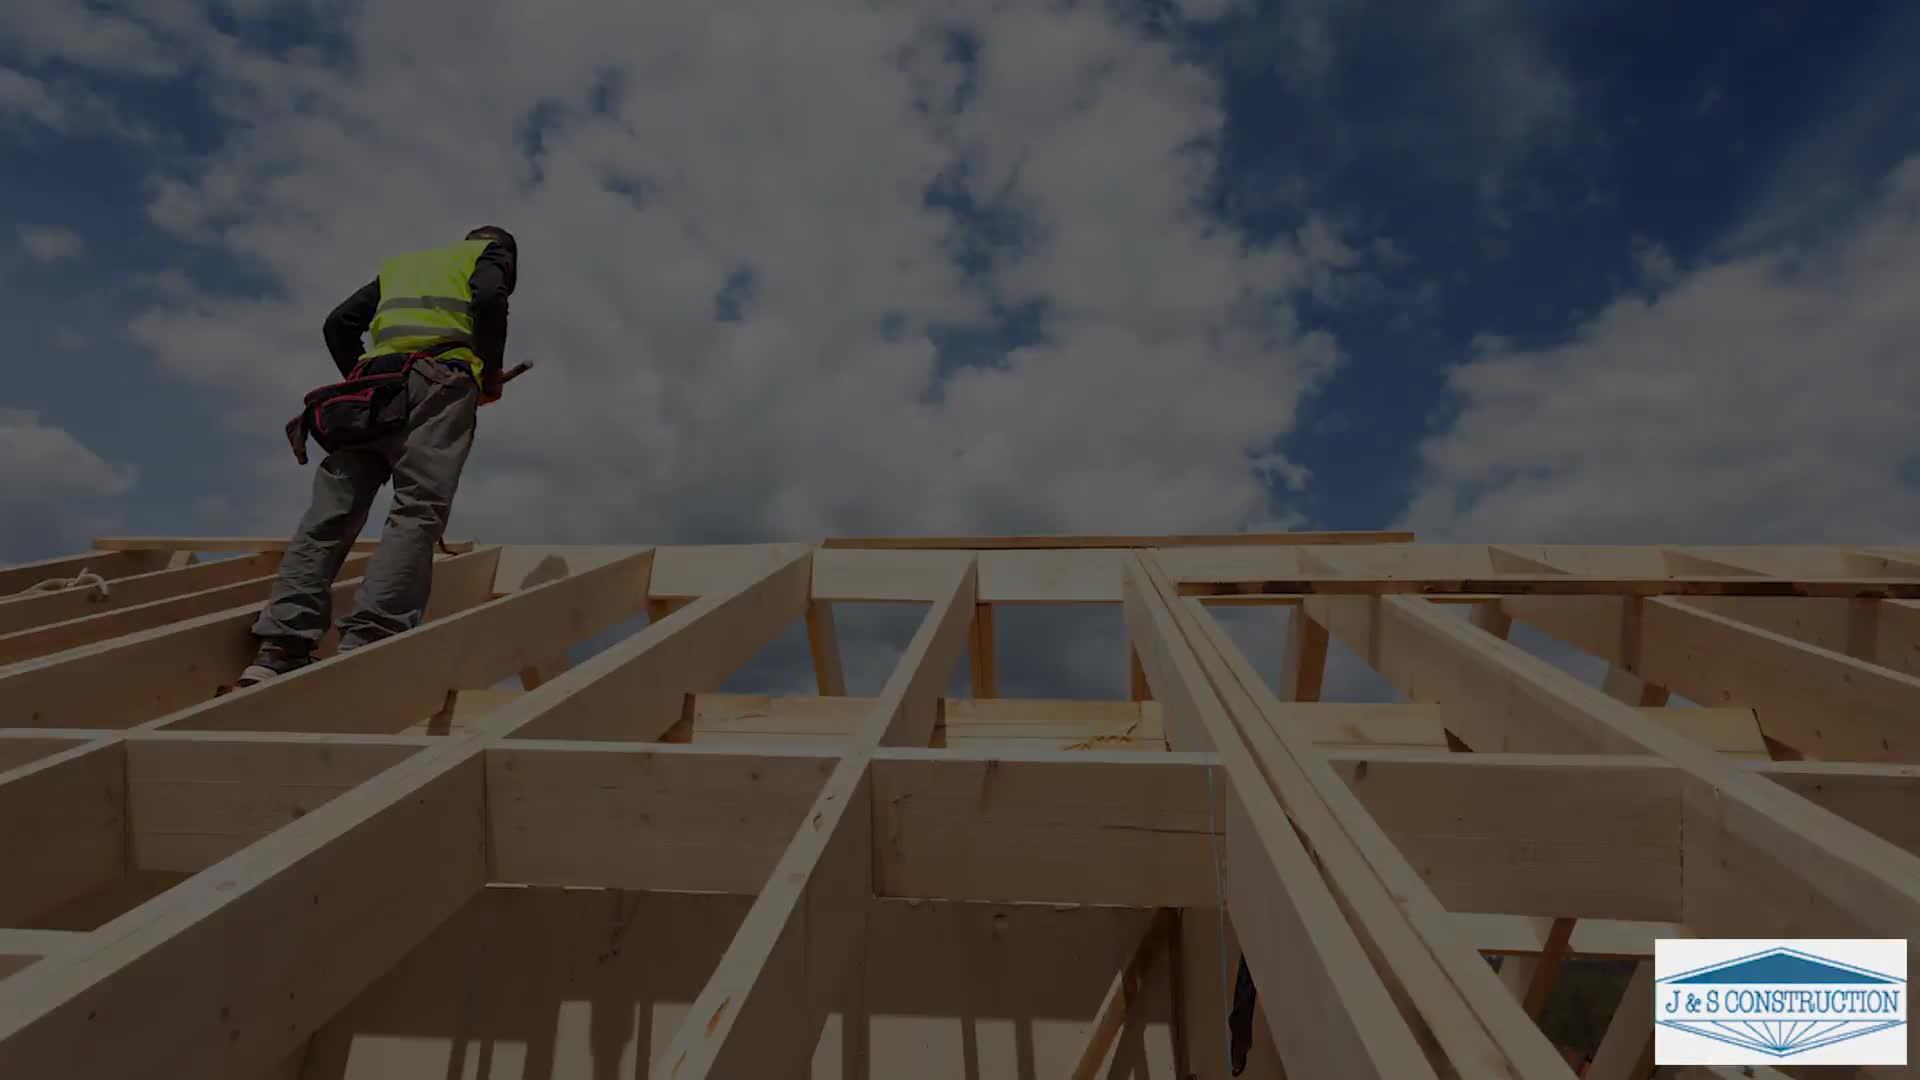 J & S Construction - General Contractors - 705-524-3292